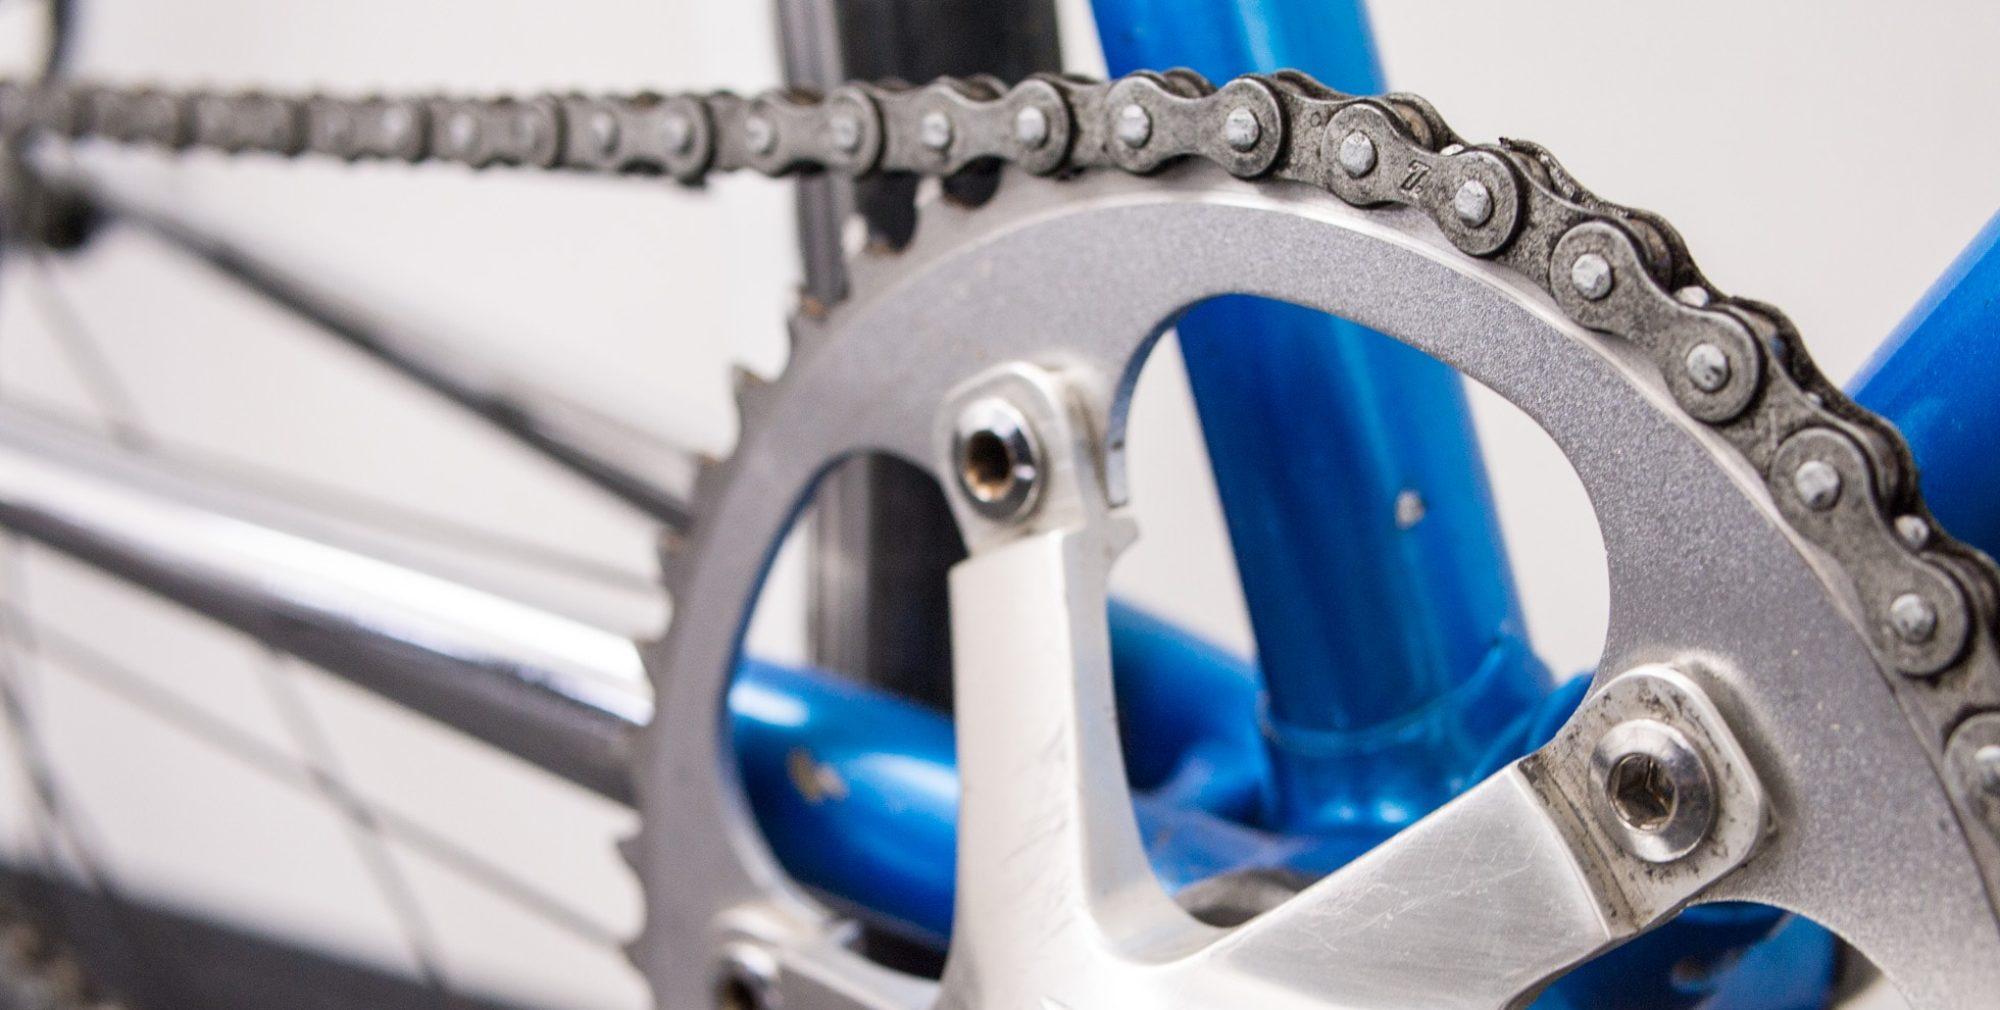 fahrradreparatur.net